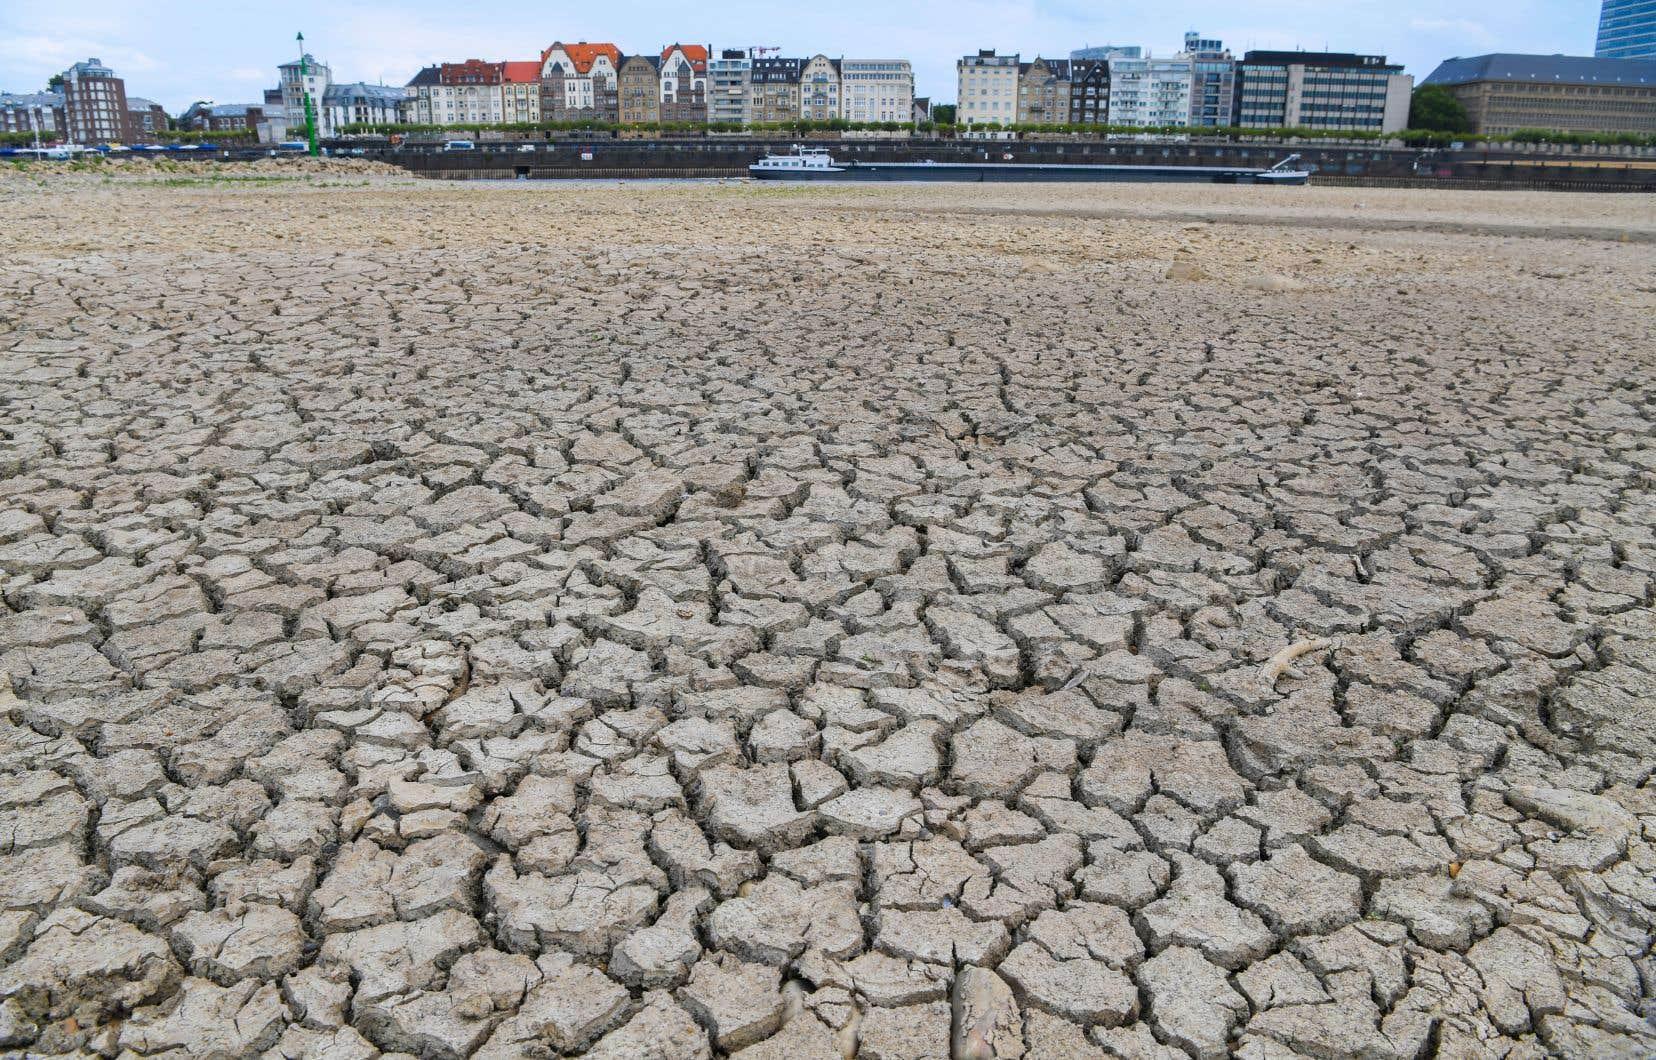 «Les conséquences du changement climatique, alors que l'hémisphère étouffe sous une interminable canicule, ne semblent pas vous inquiéter outre mesure», affirme l'auteur.